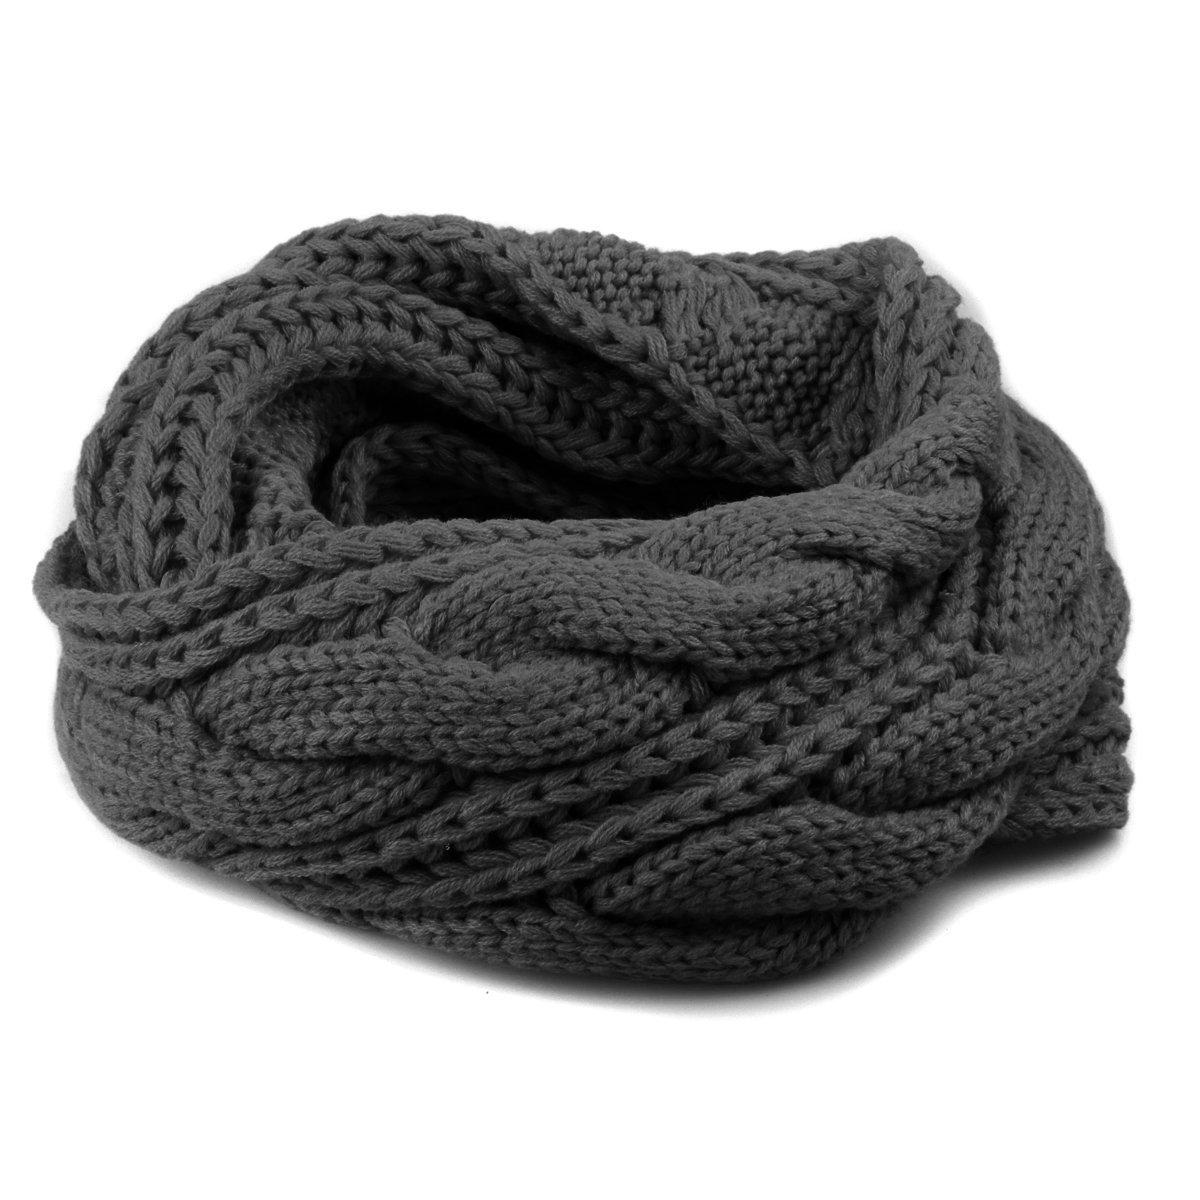 22e84cb7c48 Fletion Unisexe Femmes Hommes Tricot Laine Écharpes hiver chaud épais  foulard boucle Cercle Echarpe tricotée Snood ...